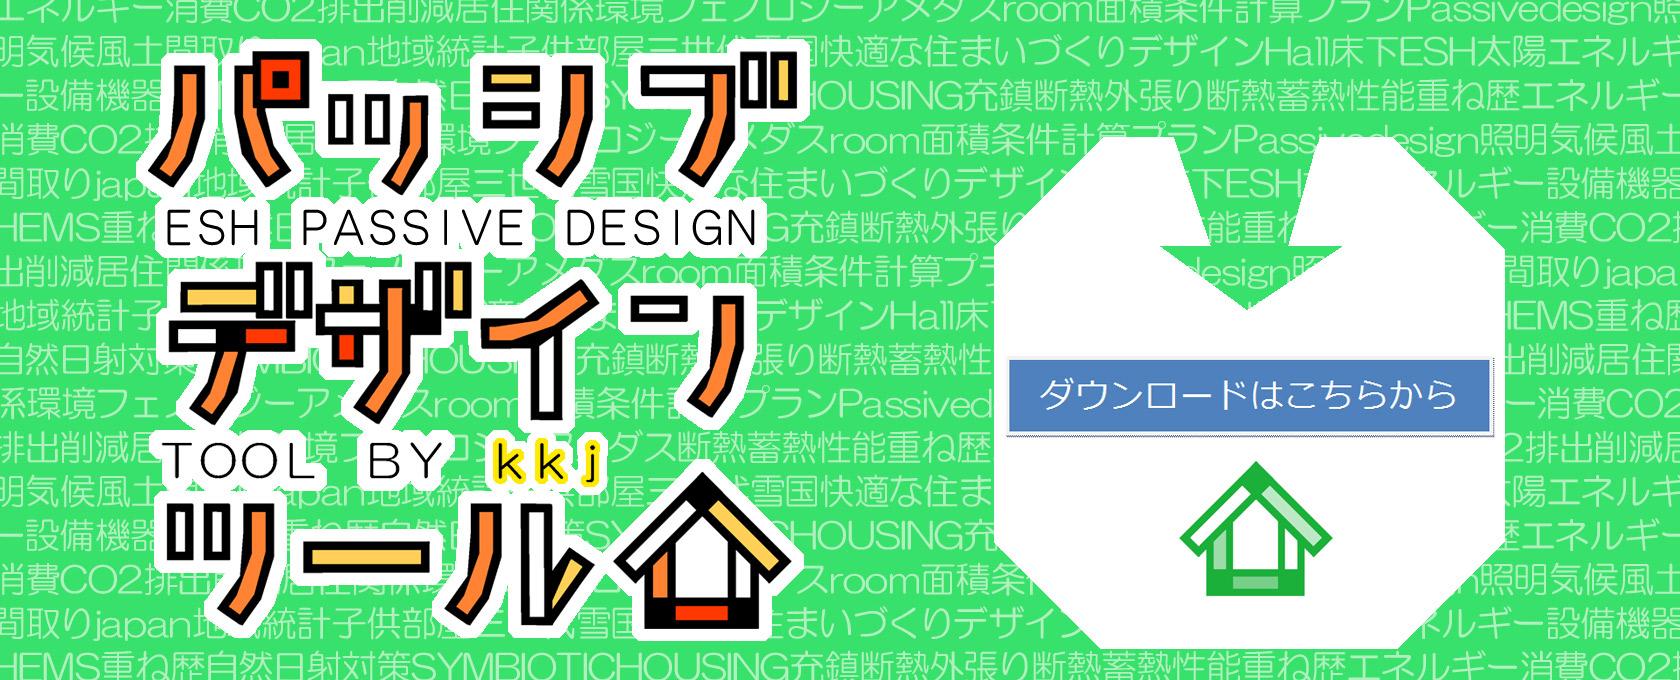 ESHパッシブデザインツール